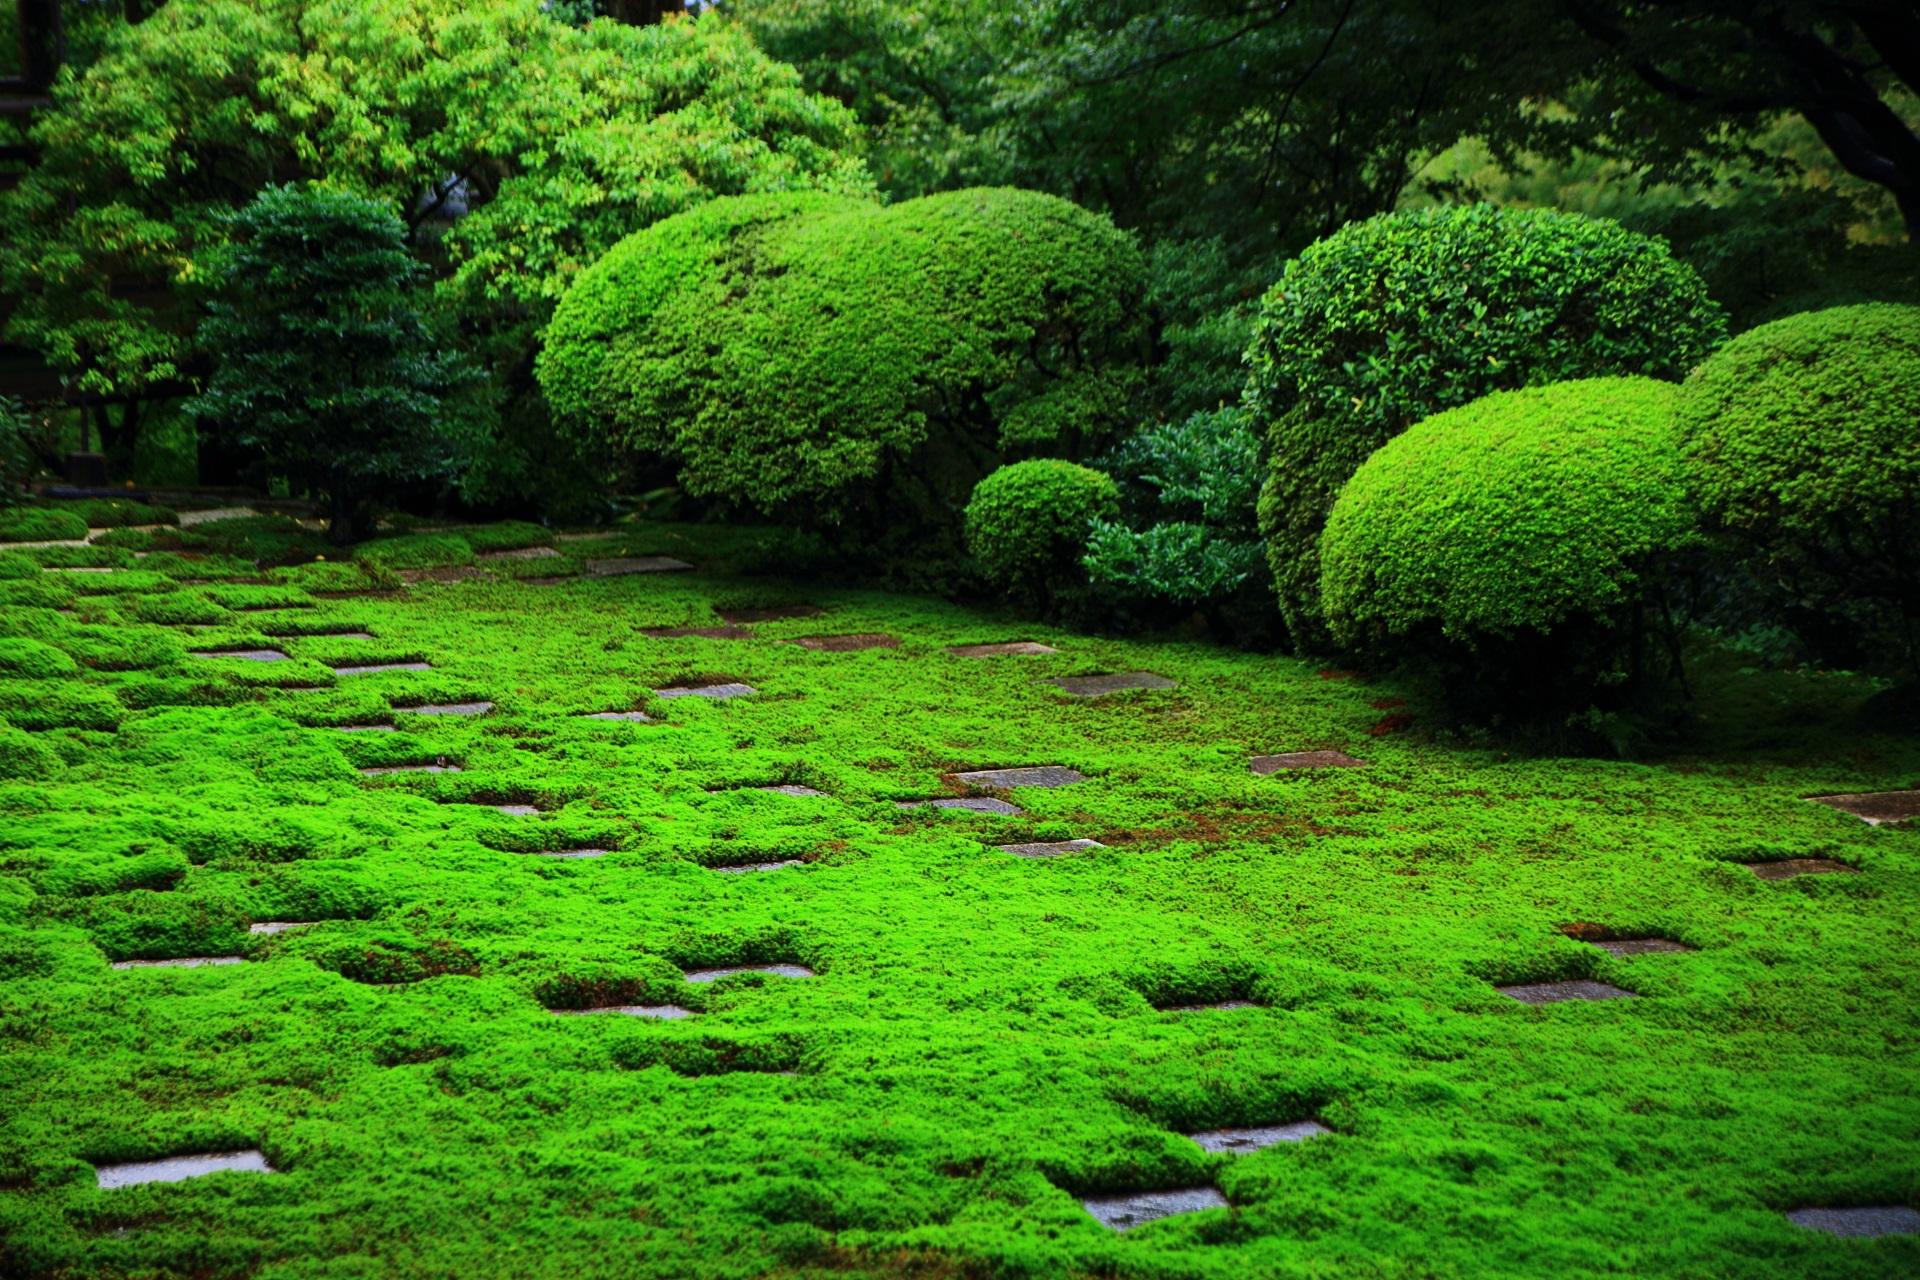 緑の苔やサツキの美しい方丈北庭